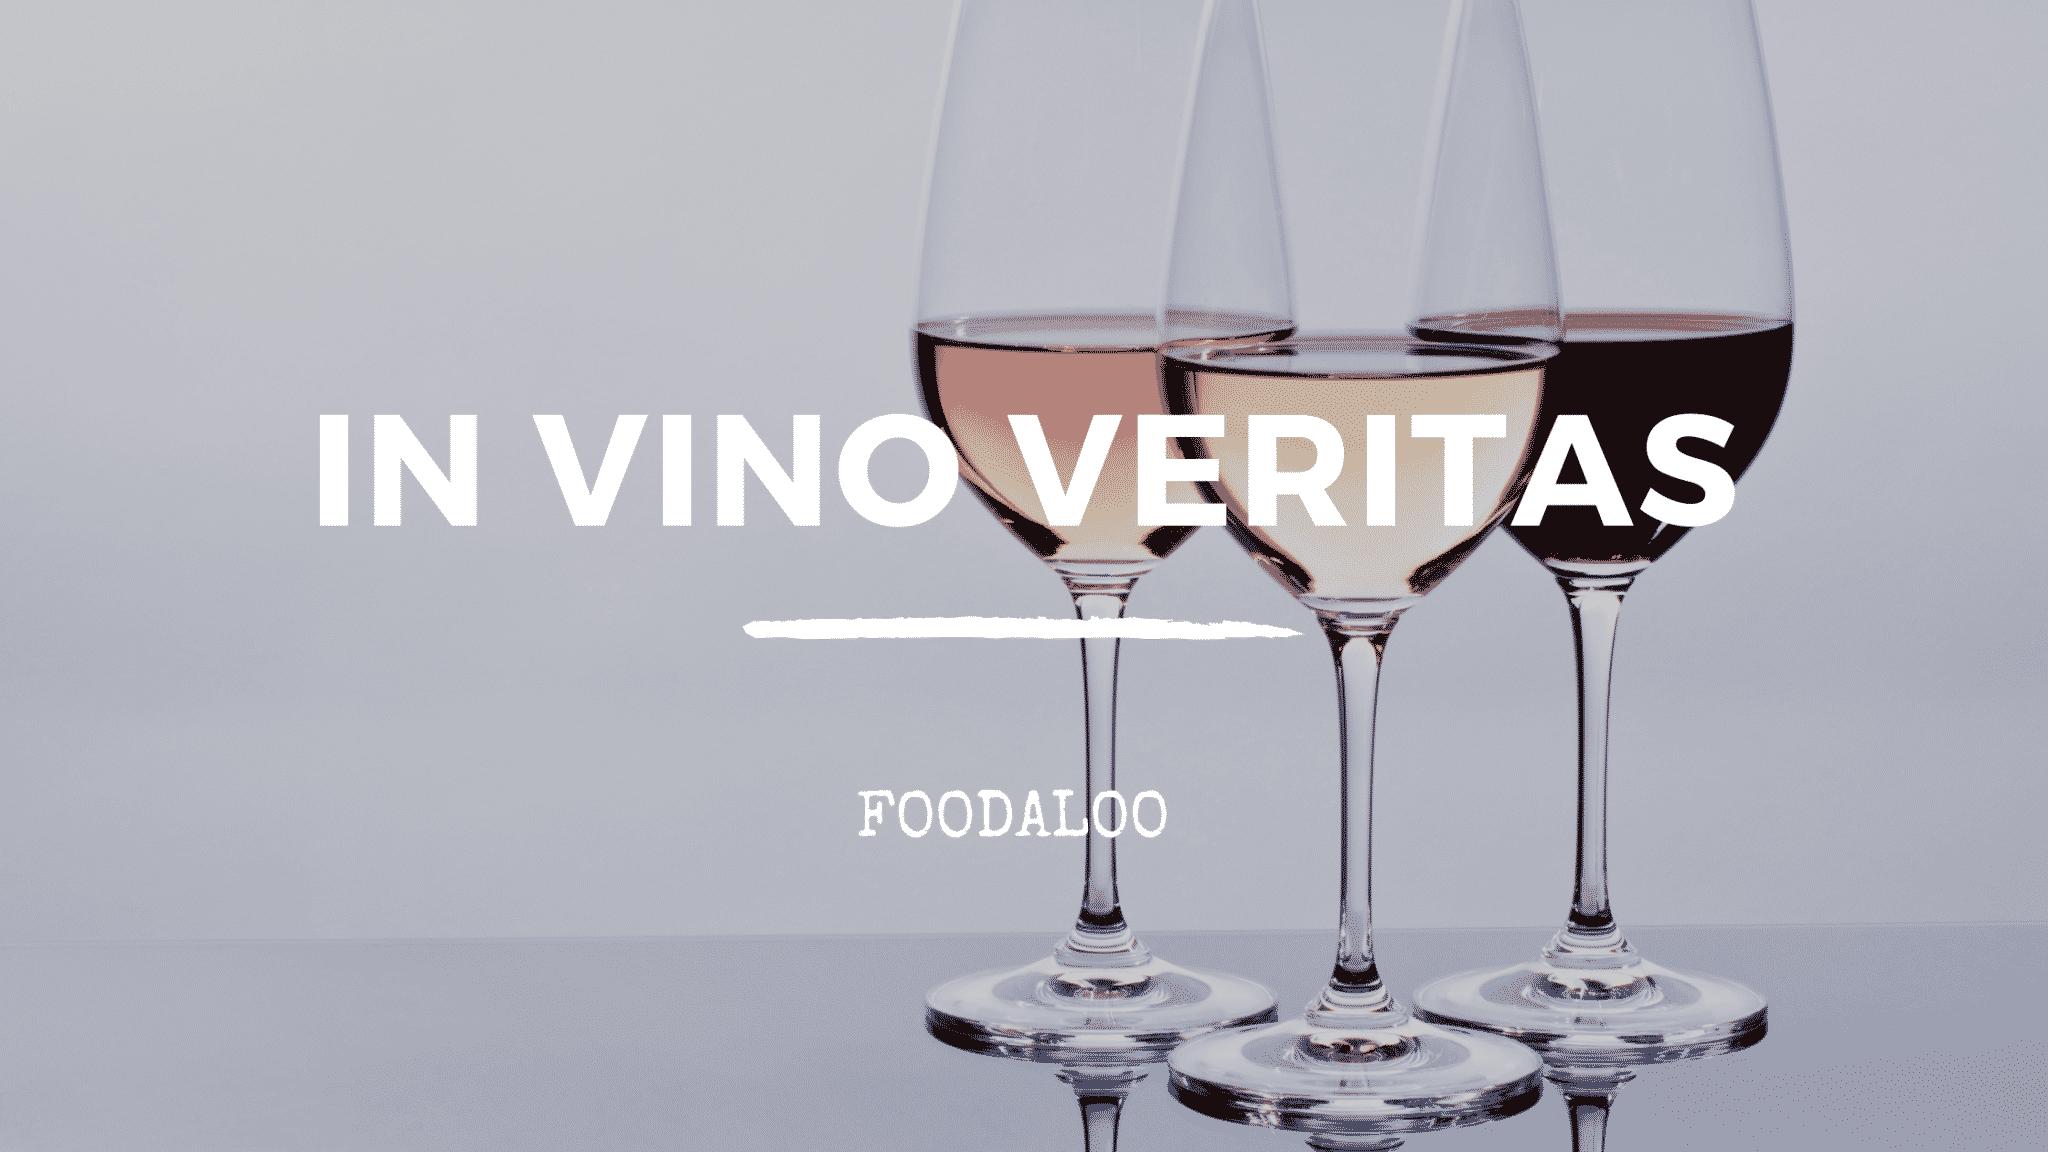 In Vino Veritas cosa significa? Storia del vino, delle sue caratteristiche ed origine dei vitigni.